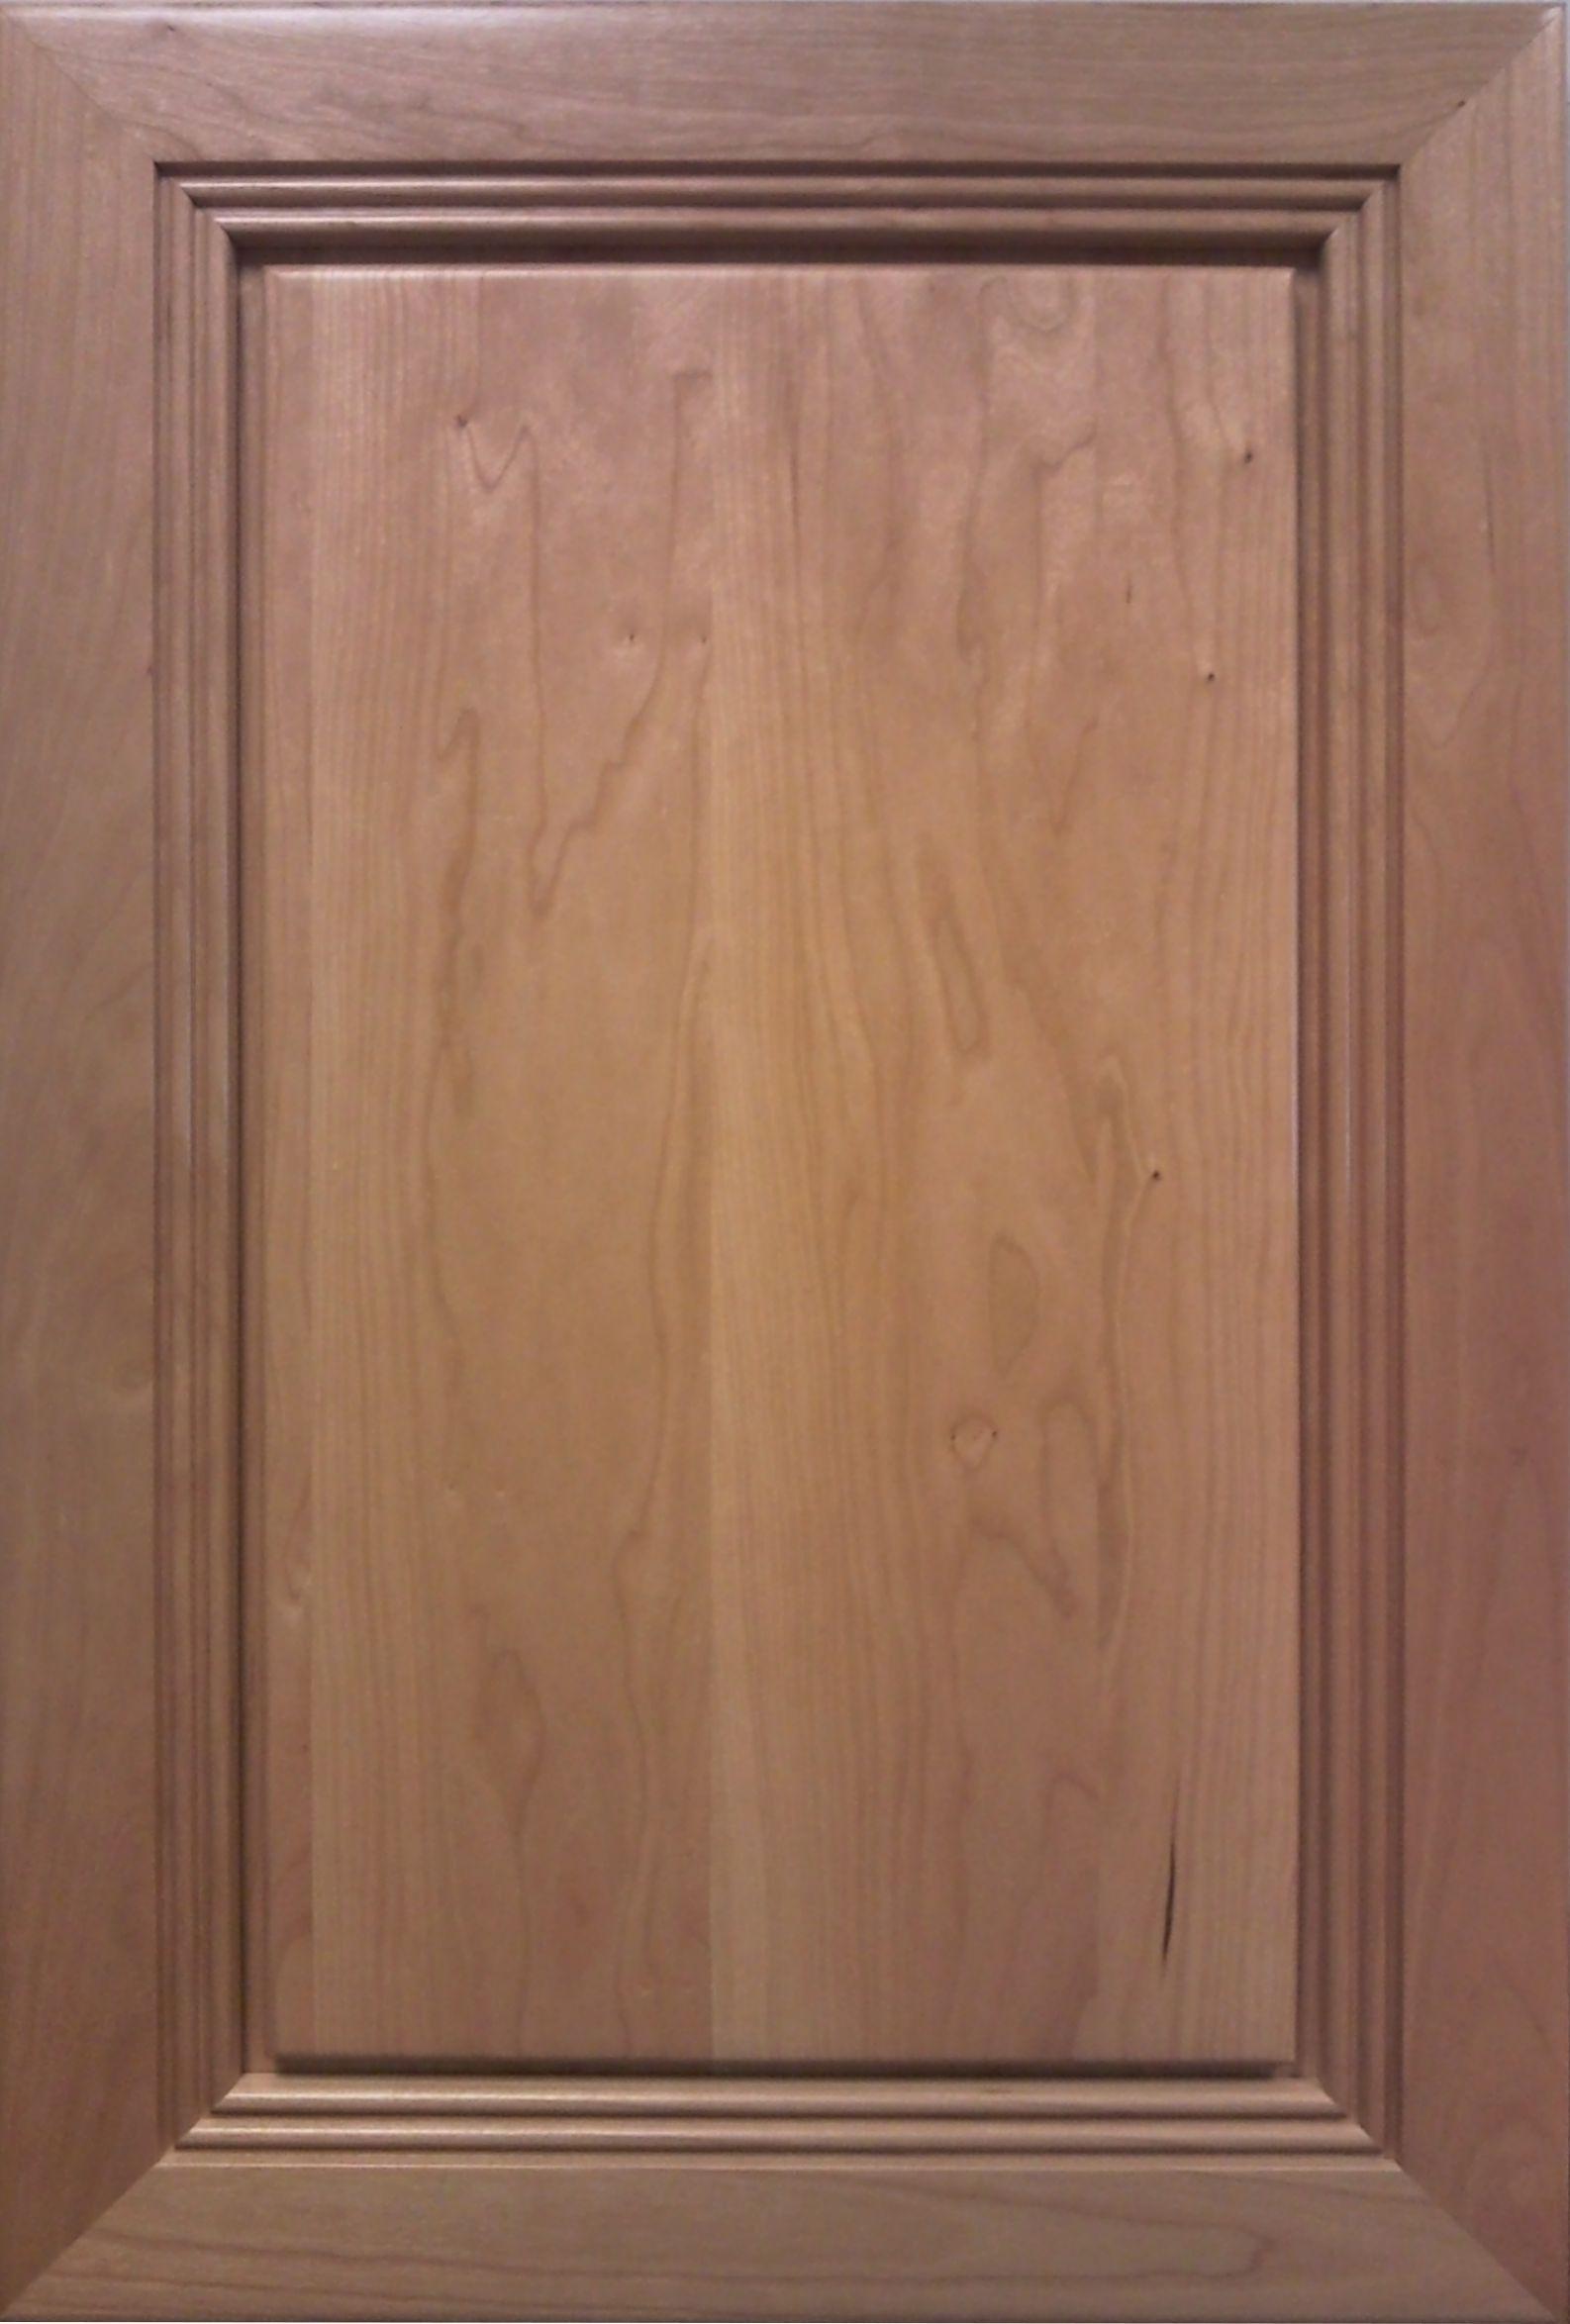 Menards Kitchen Cabinet Doors 2020 in 2020 | Kitchen ...